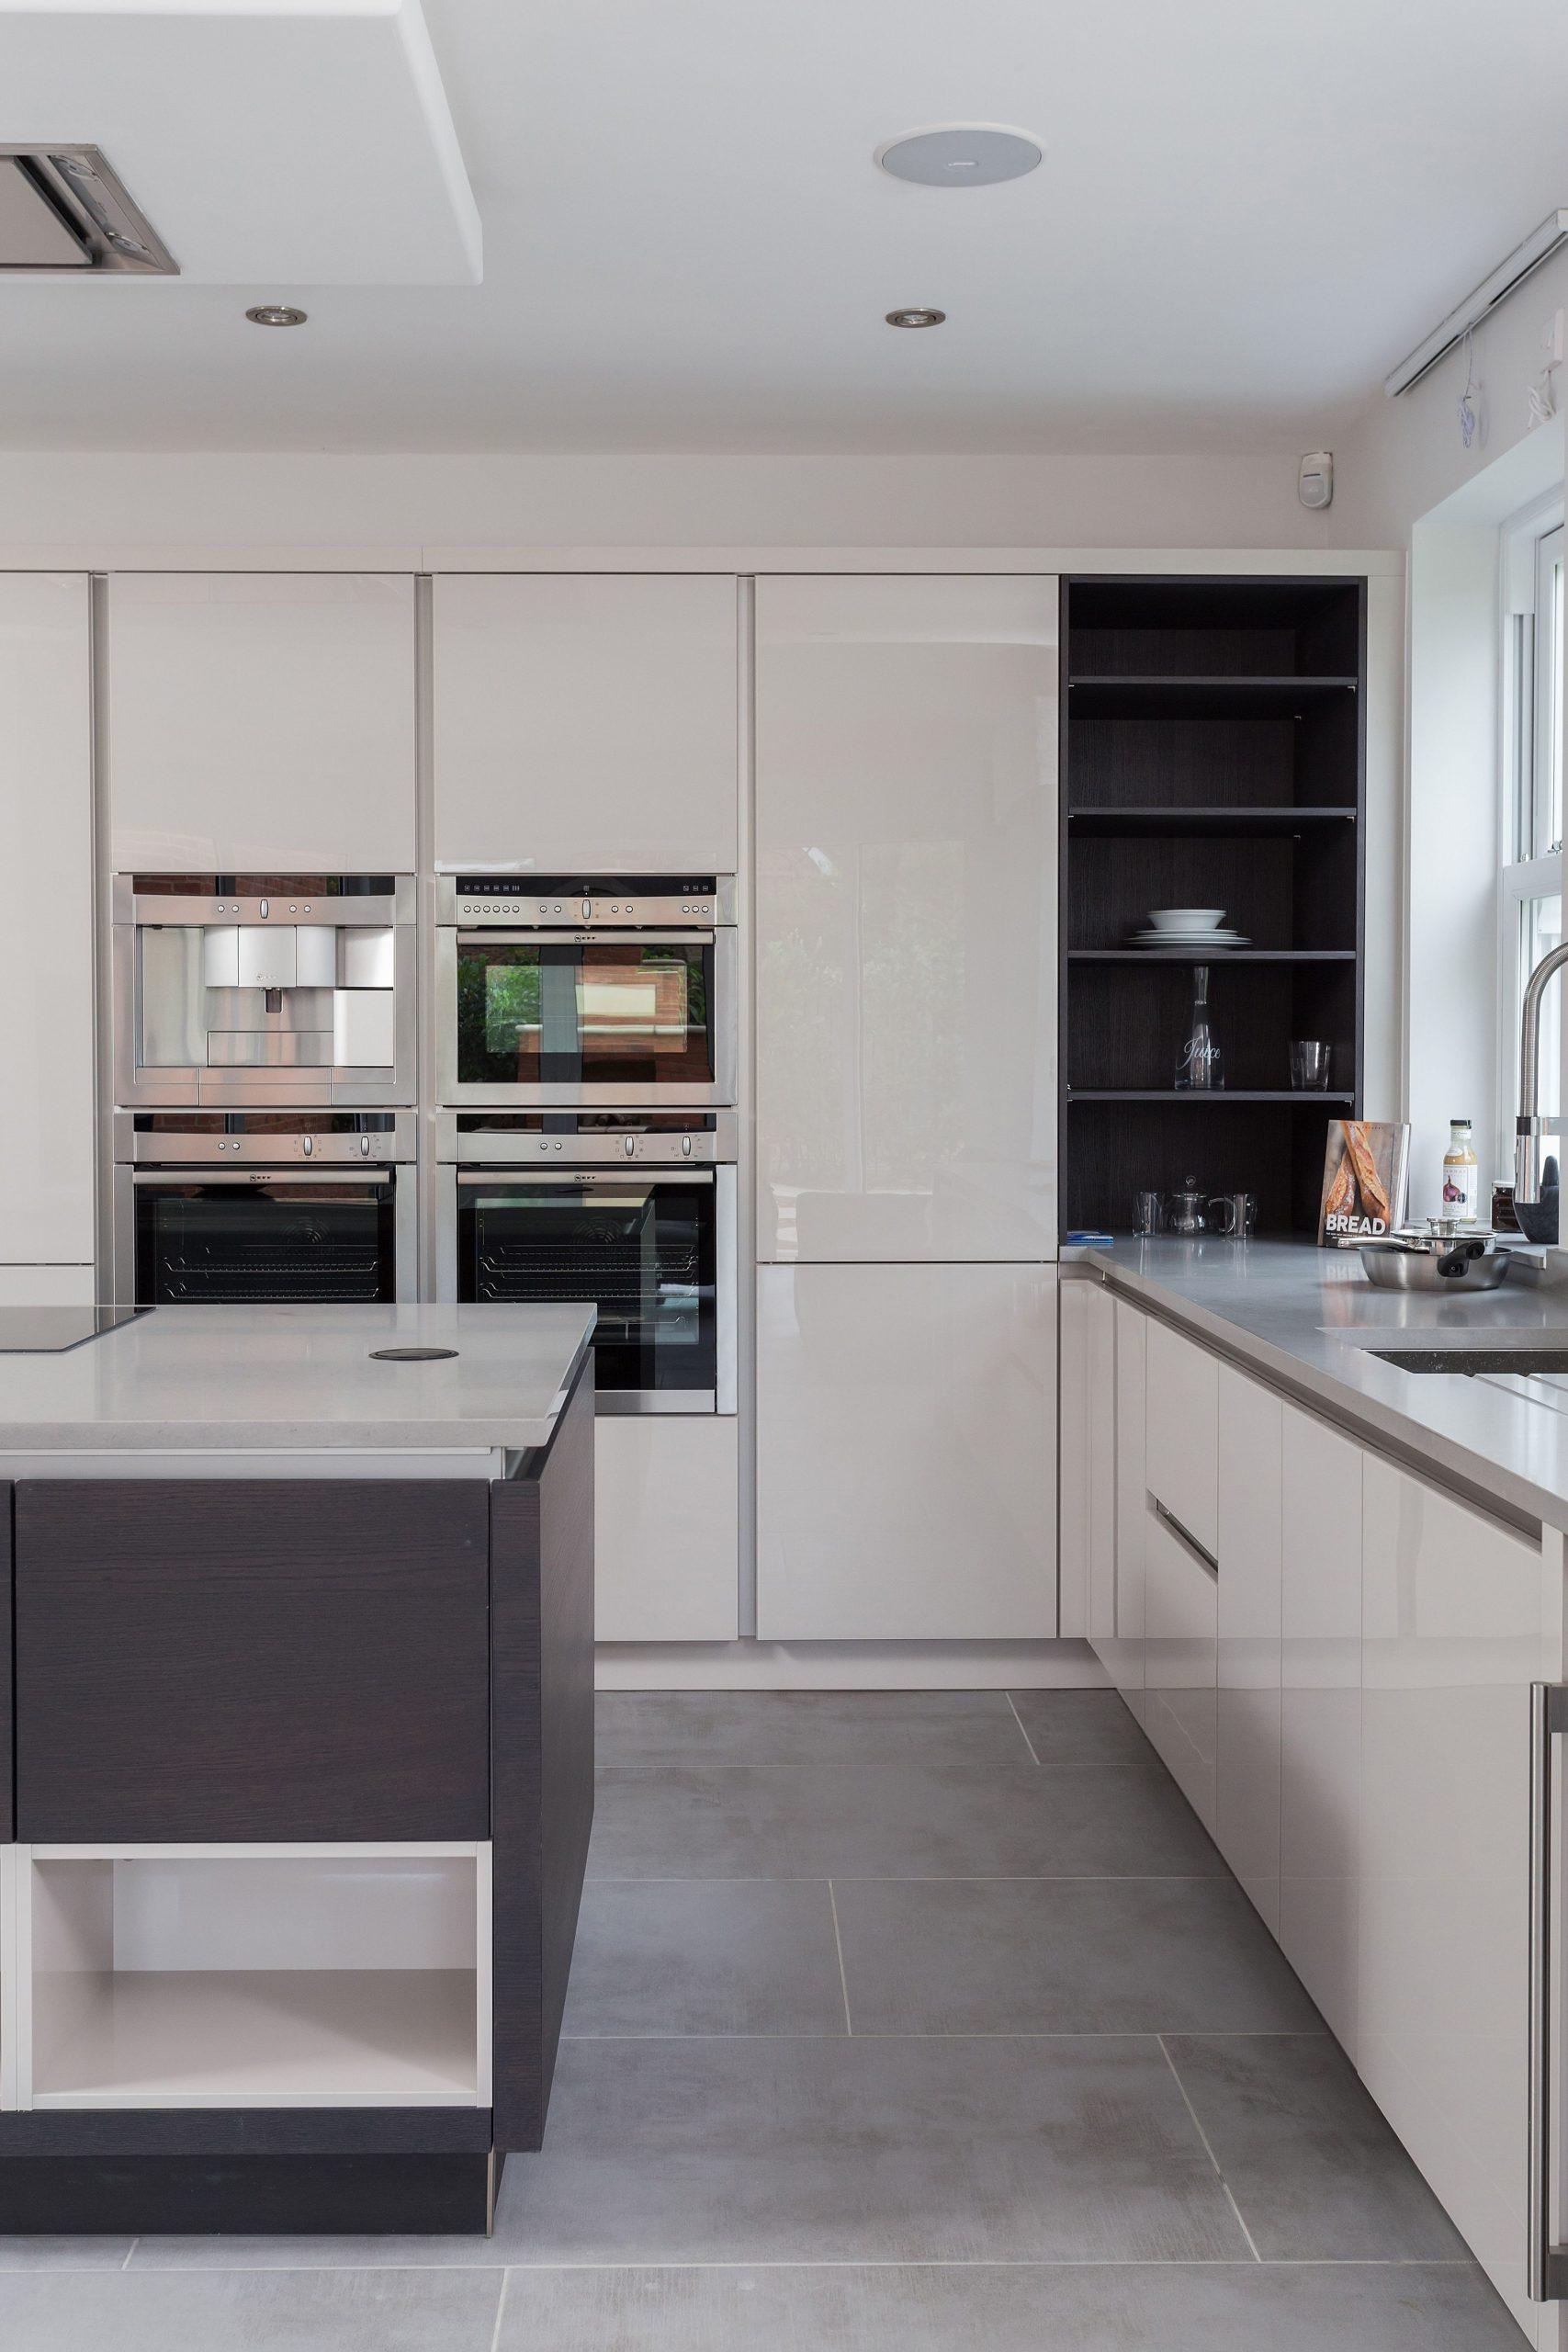 Full Size of Kche Nolte Erfahrung Oder Ikea Magnolia Glasfront Waschbecken Betten Küche Küchen Regal Schlafzimmer Wohnzimmer Nolte Küchen Glasfront